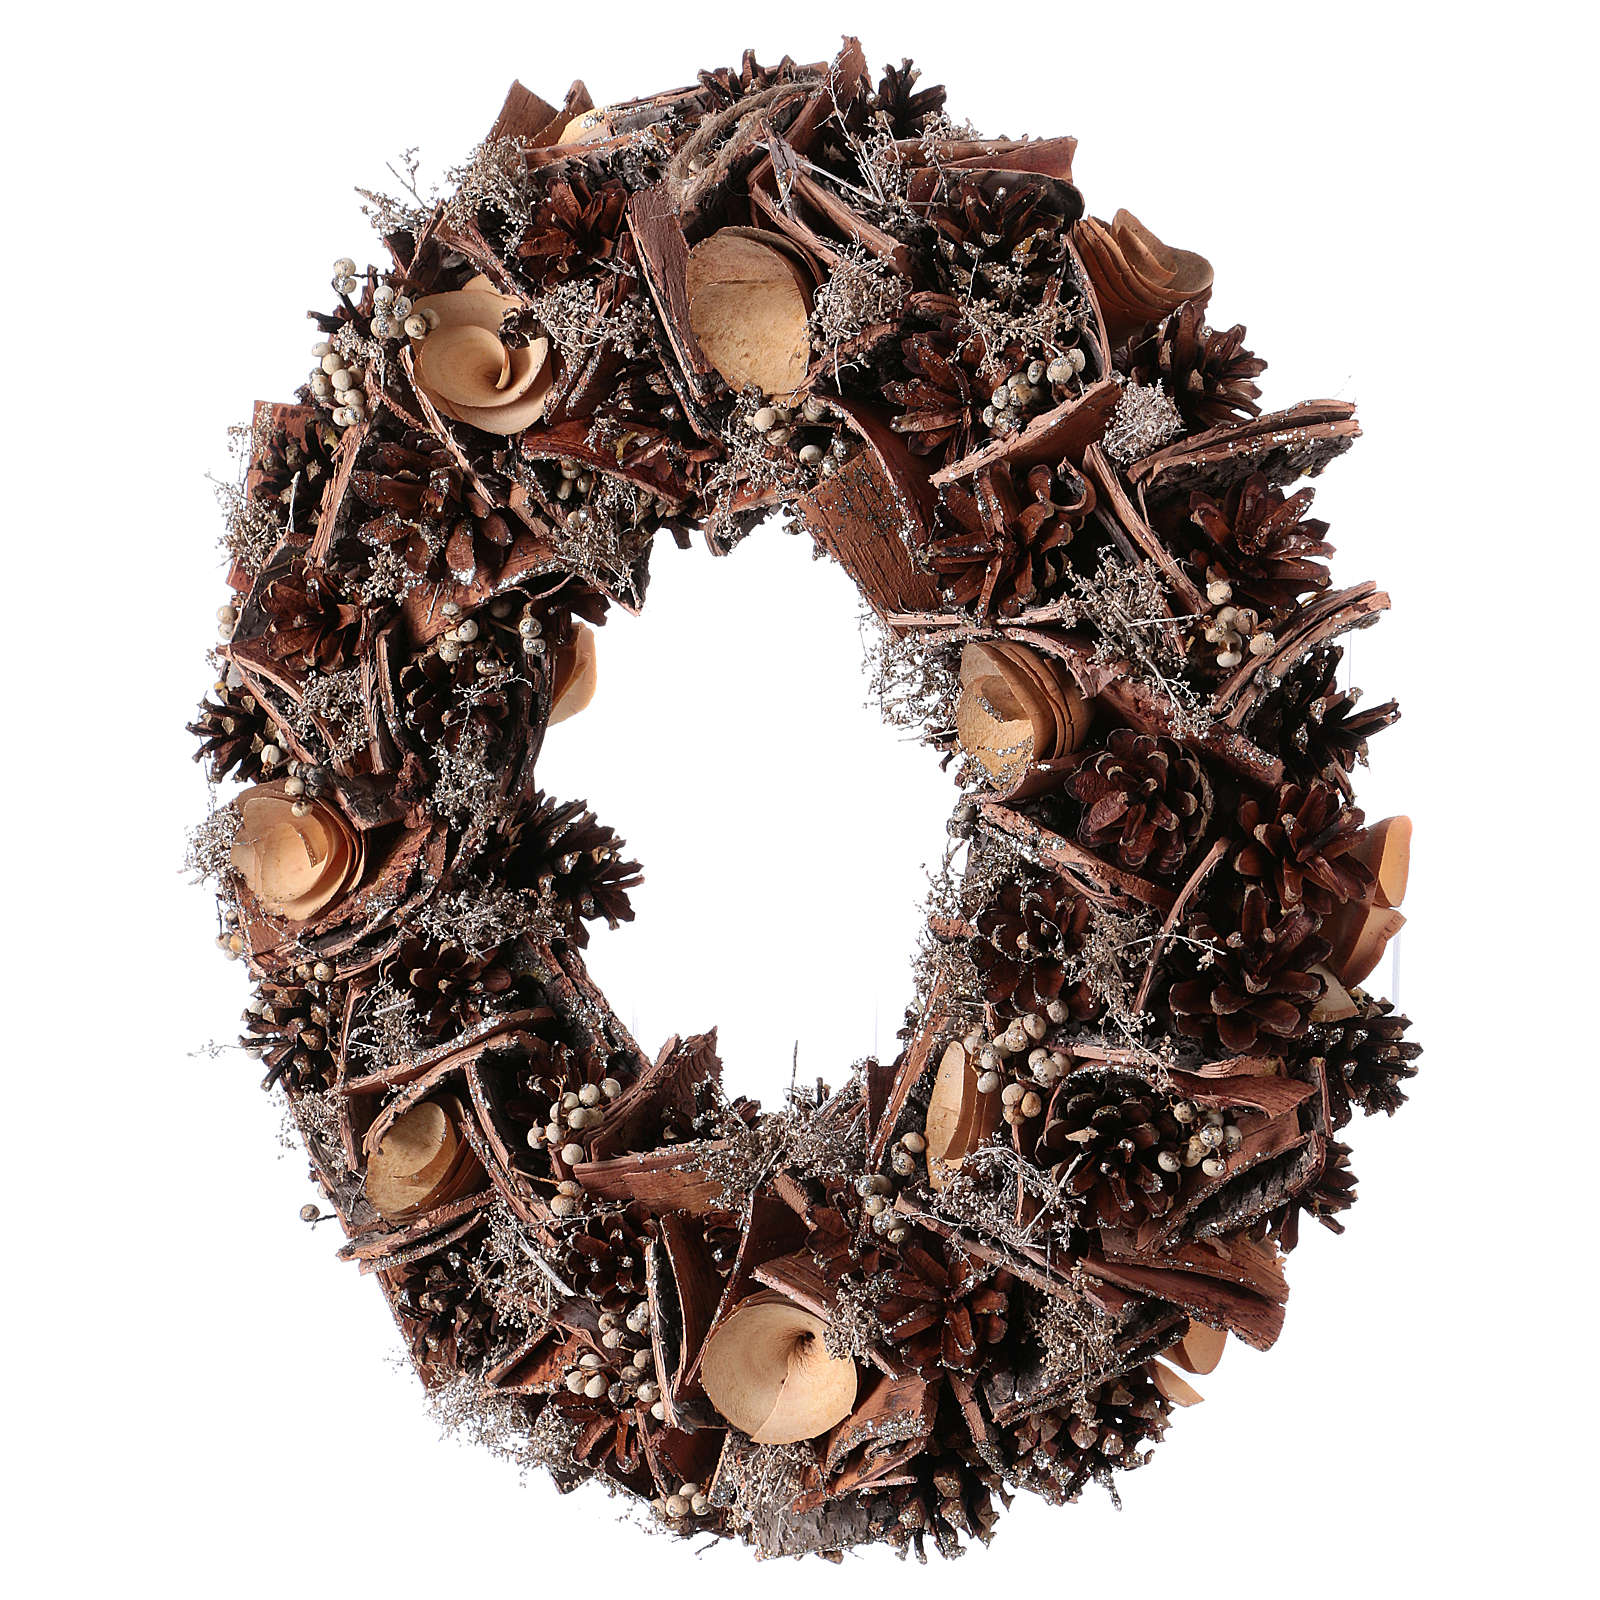 Corona de Adviento Guirnalda con Piñas y Flores de madera, diám. 40 cm 3